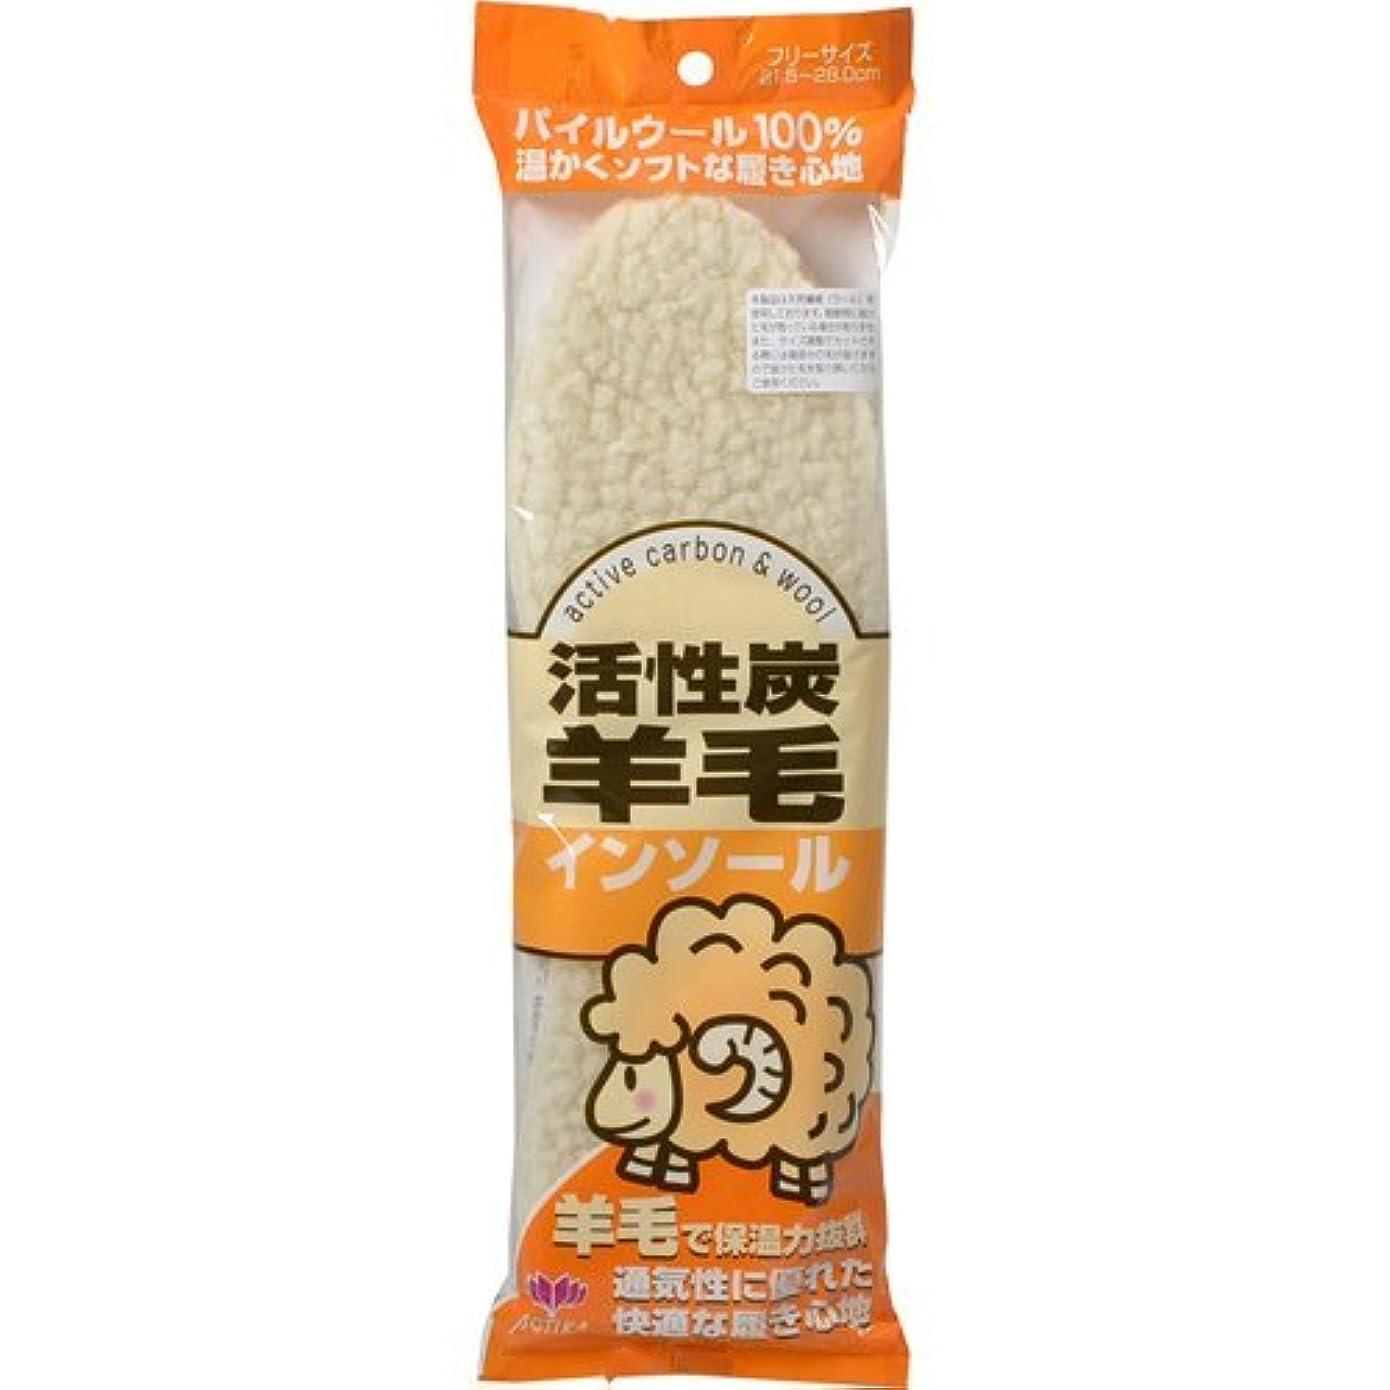 バレーボール熟練した分注するアクティカ 活性炭羊毛インソール フリーサイズ